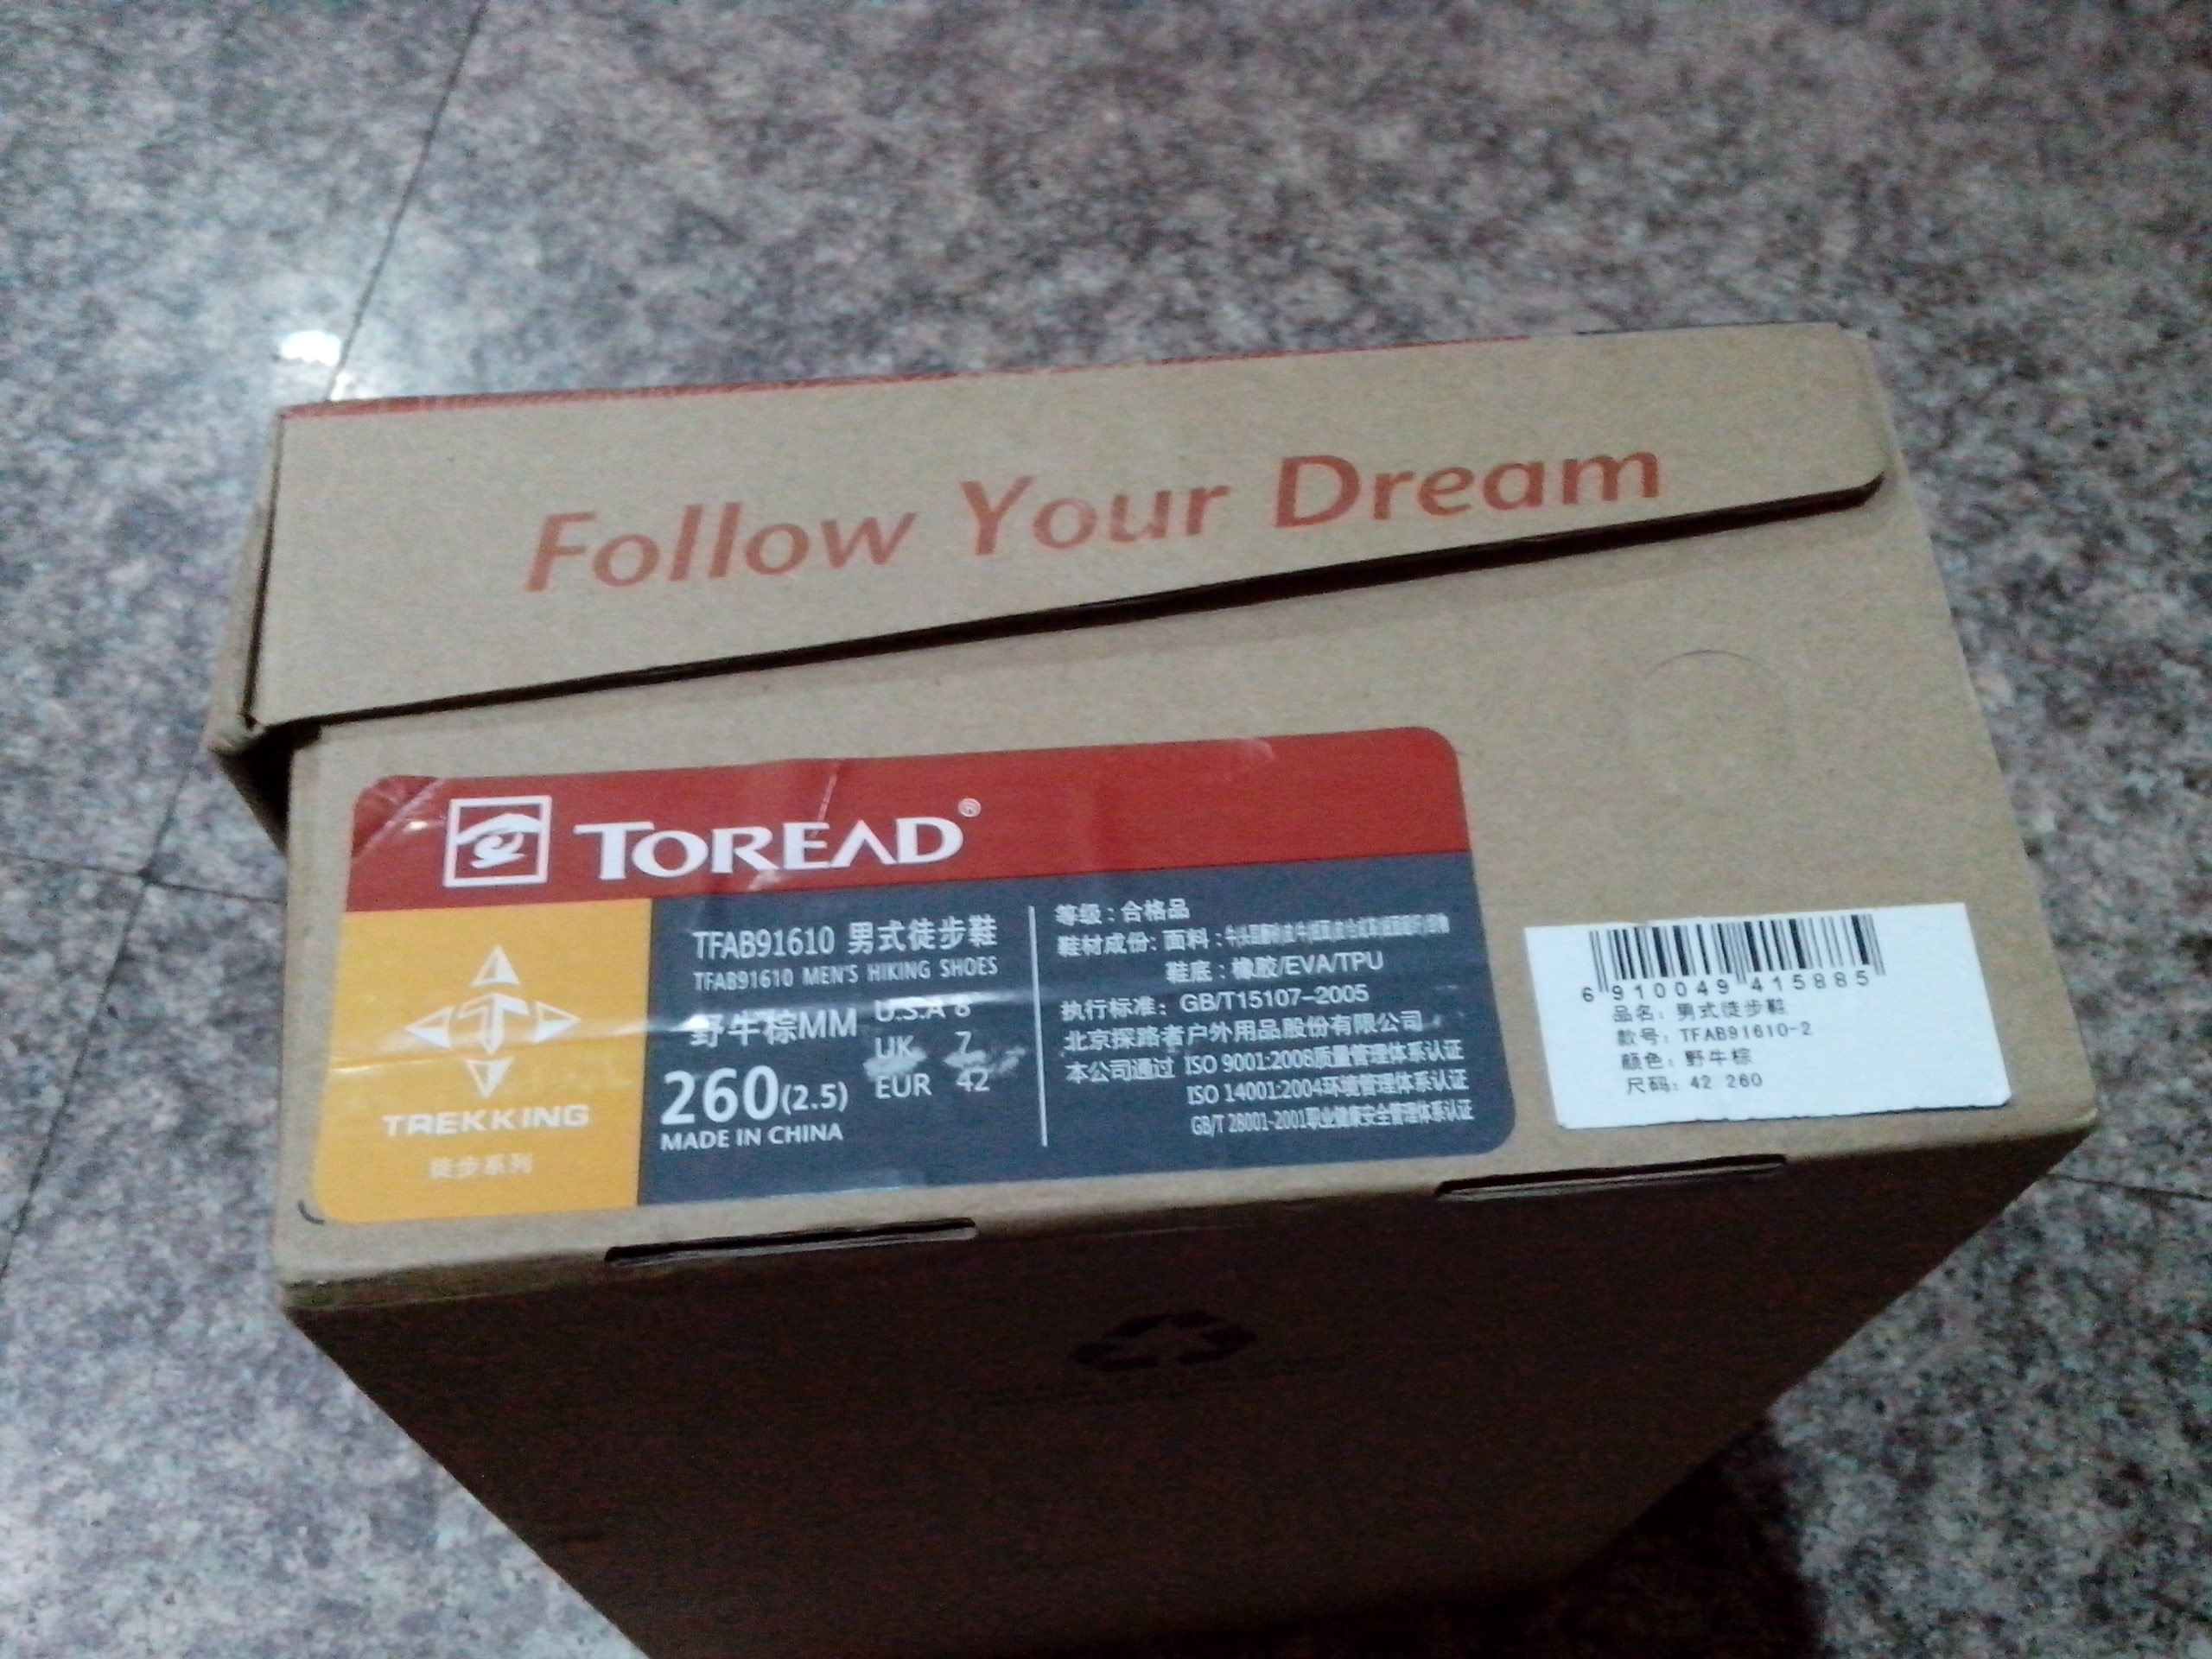 online jordans cheap 00250481 sale